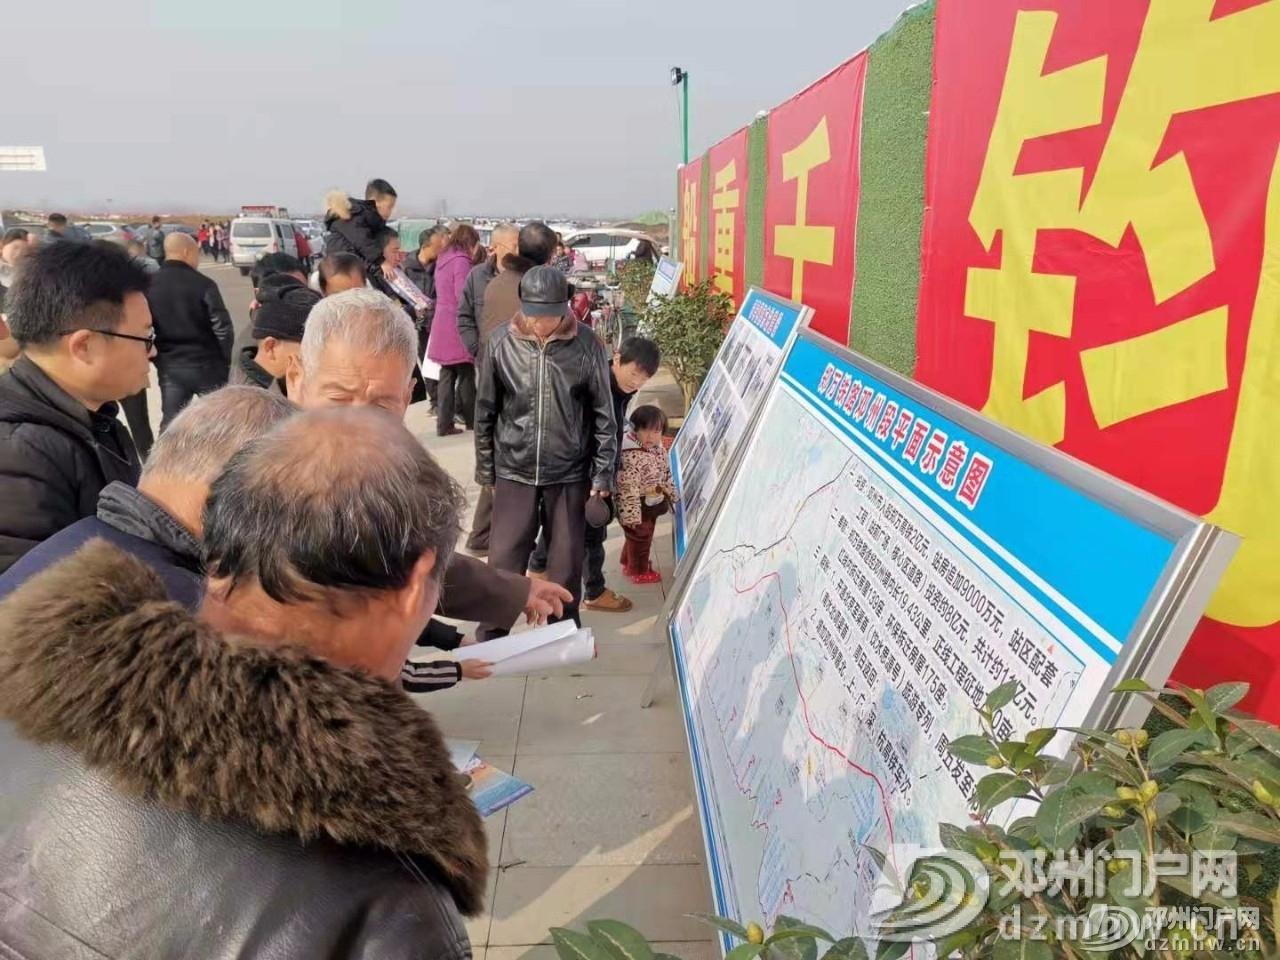 今天上午,邓州高铁东站首发列车来了!直击现场... - 邓州门户网 邓州网 - 24e667f1dc14edf6abdabe1624b607f6.jpg